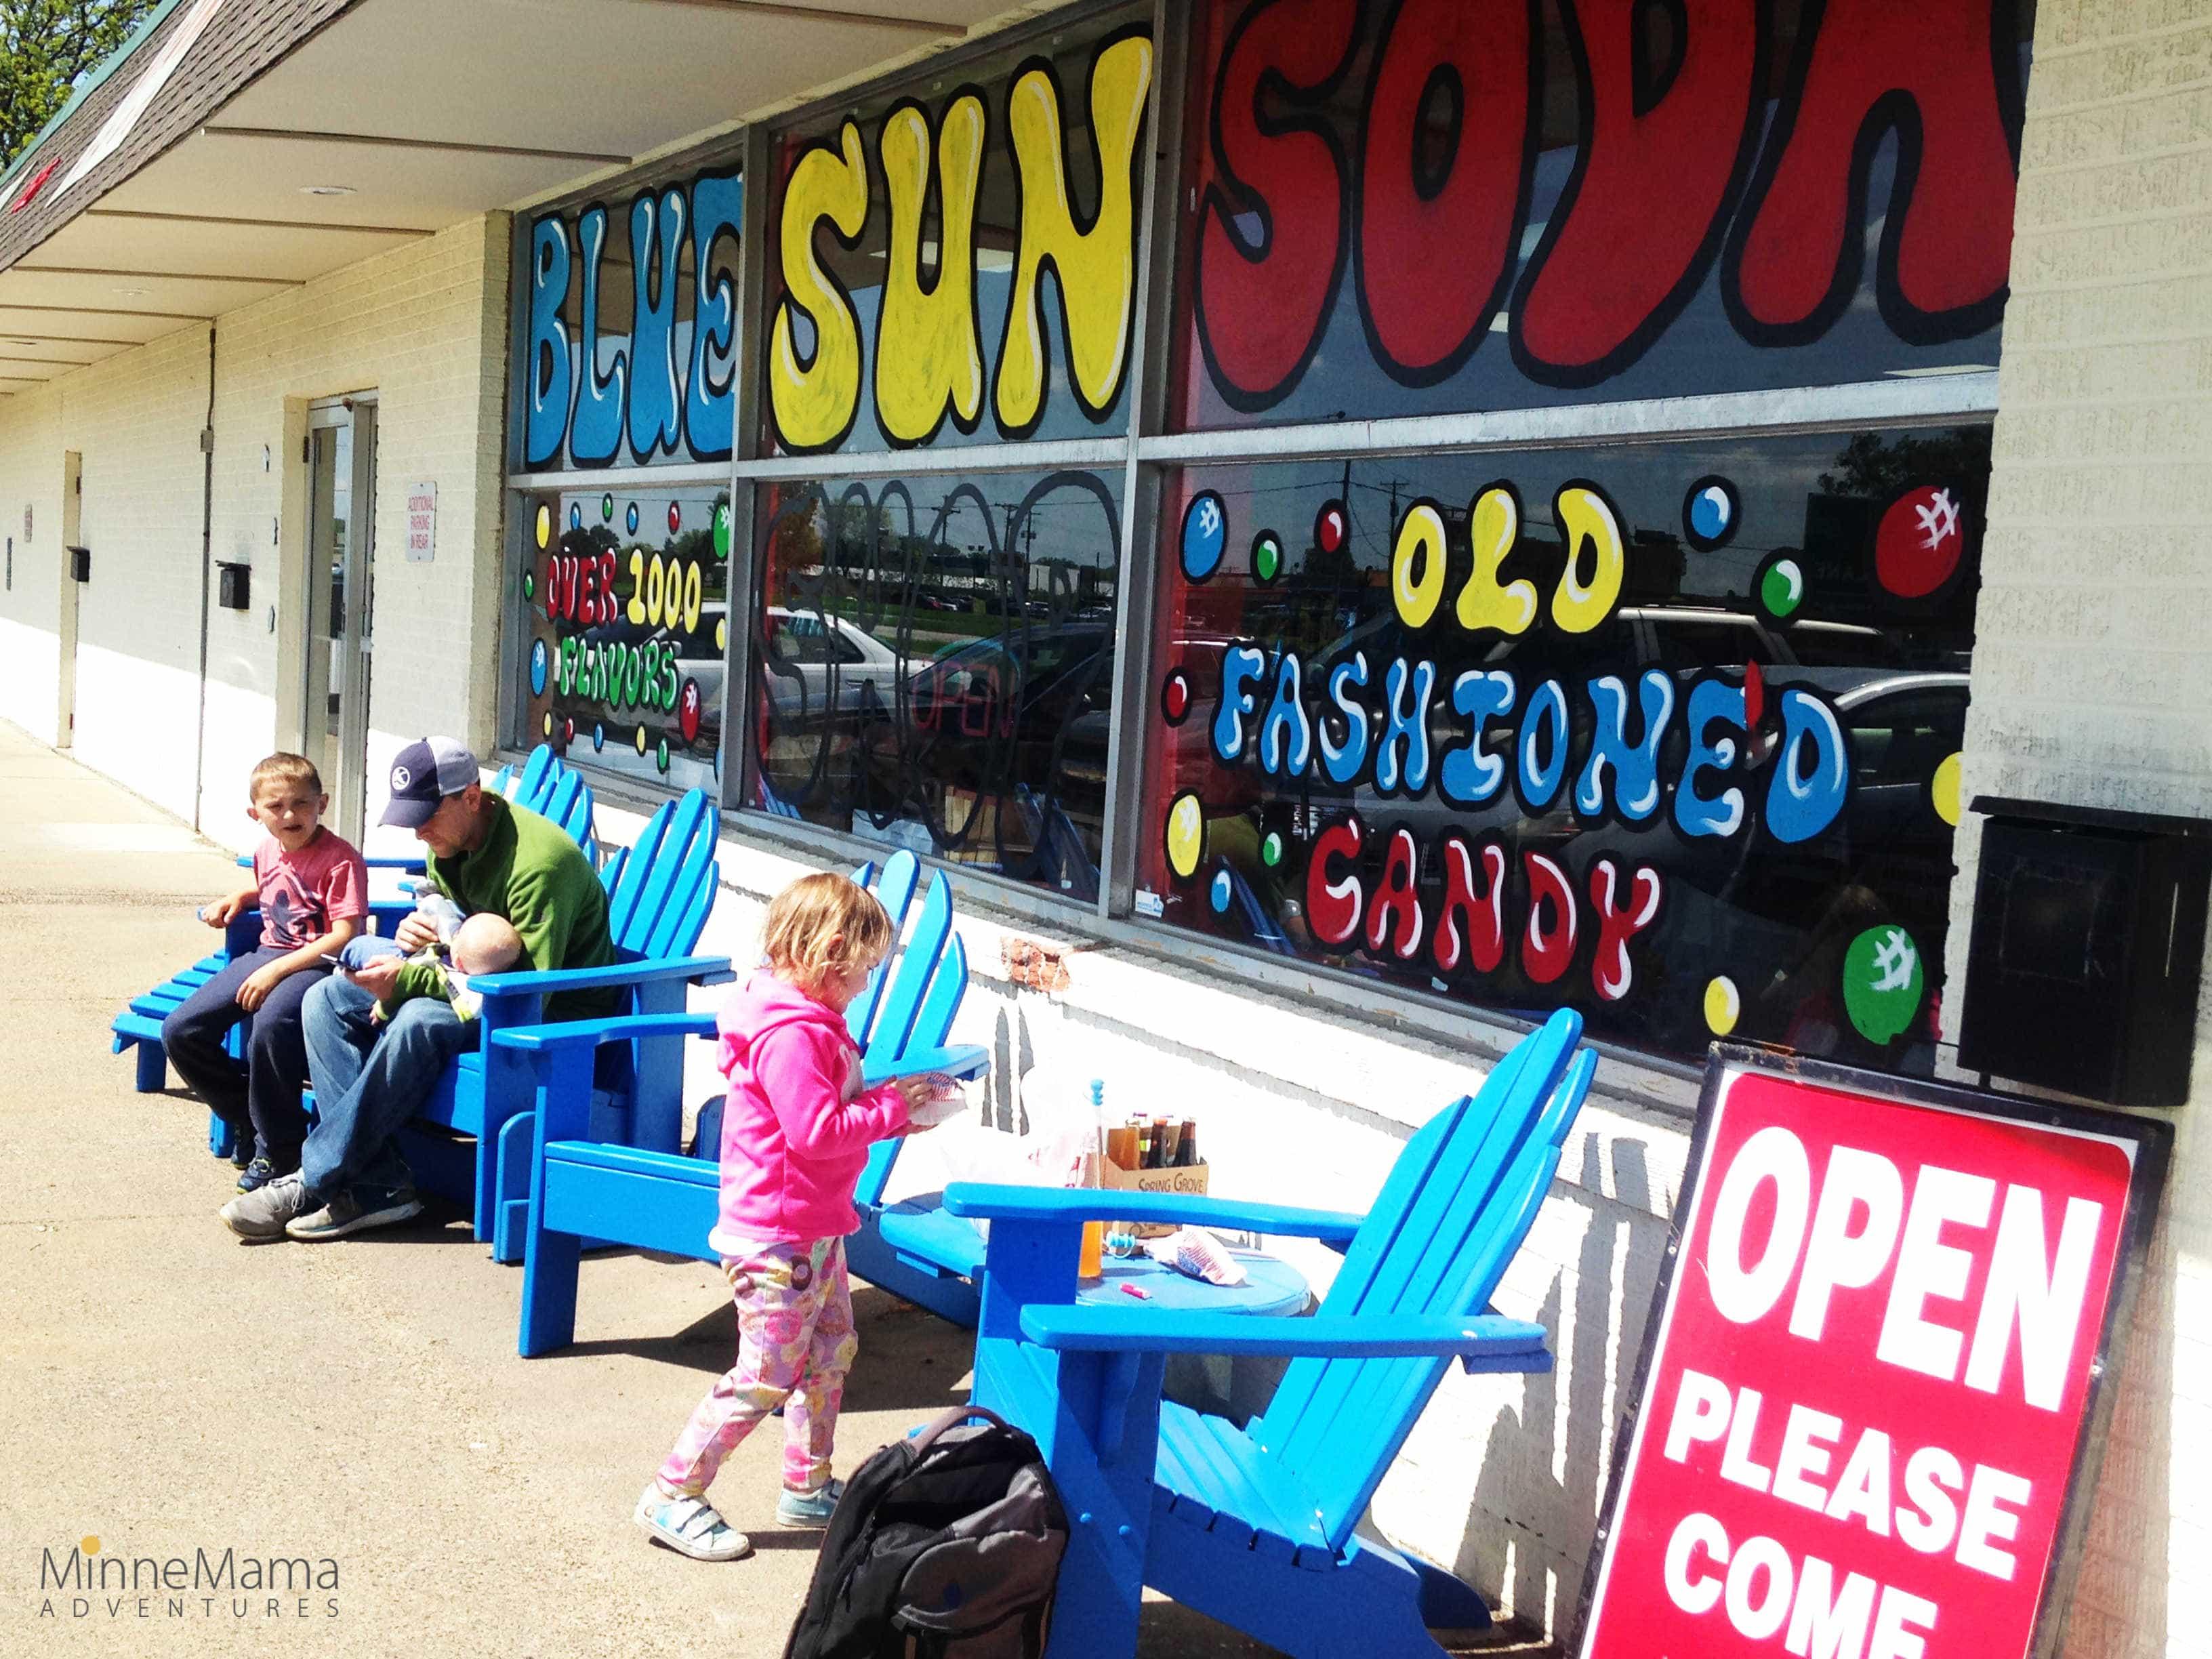 blue sun soda shop